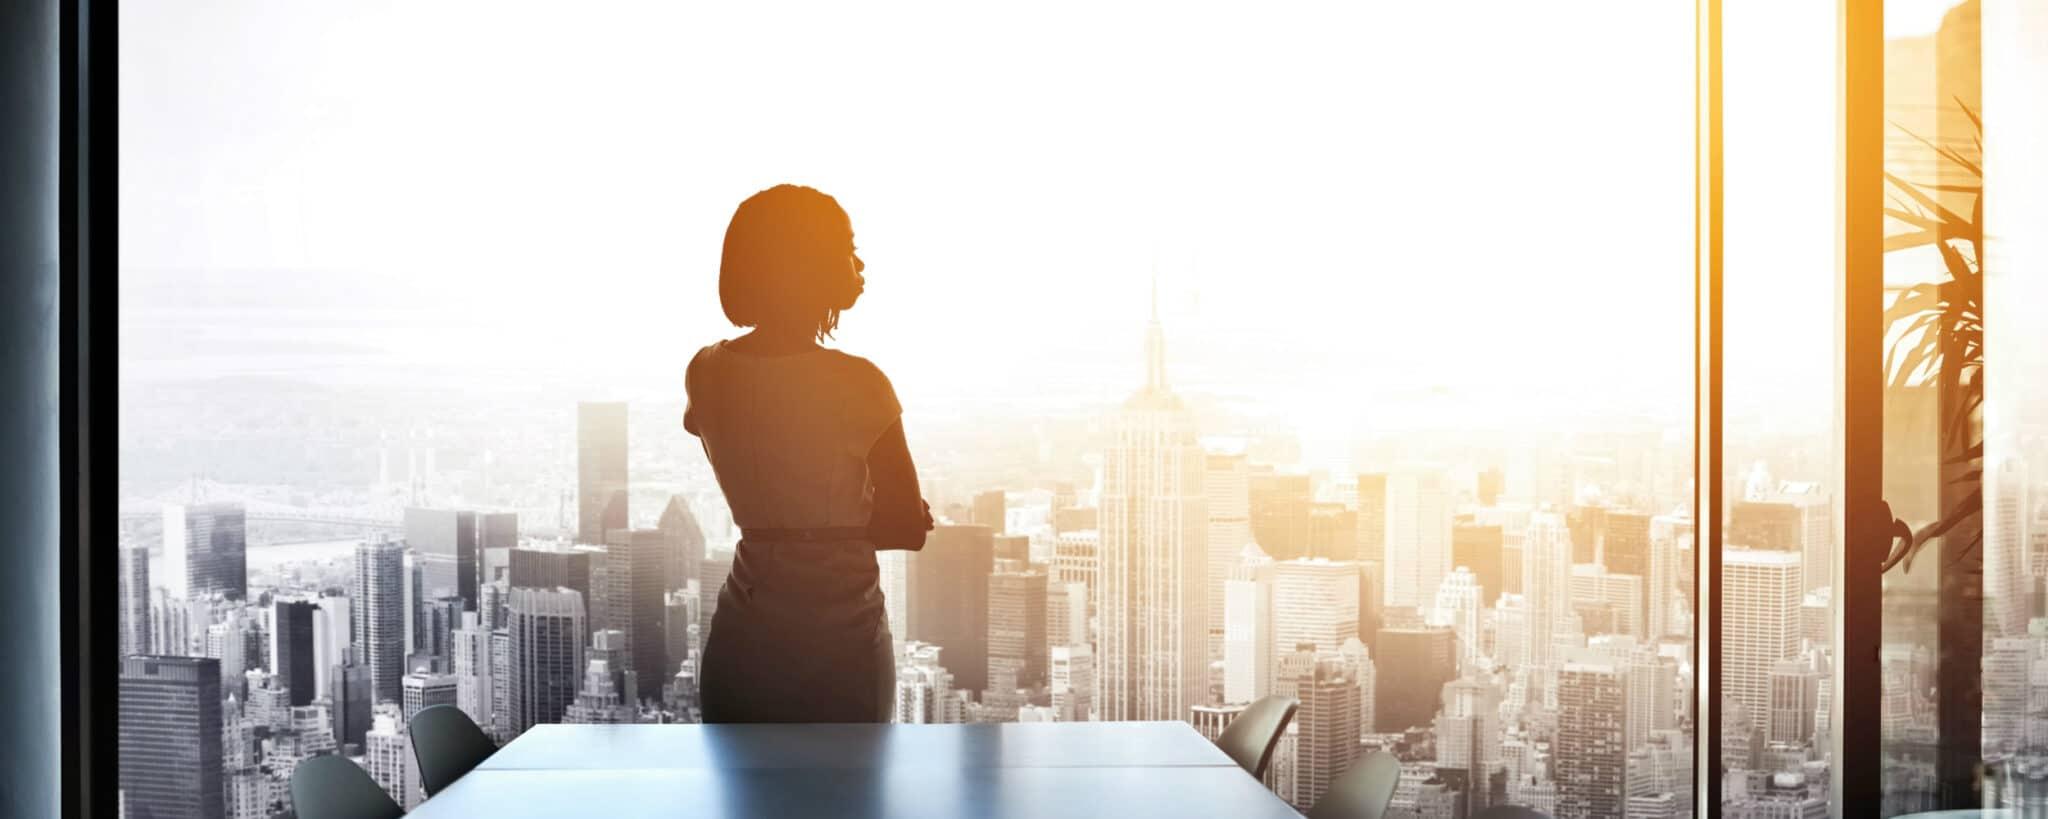 Weibliche Führungskräfte in der Werbebranche geben wertvolle Tipps für Frauen am Anfang ihrer Karriere